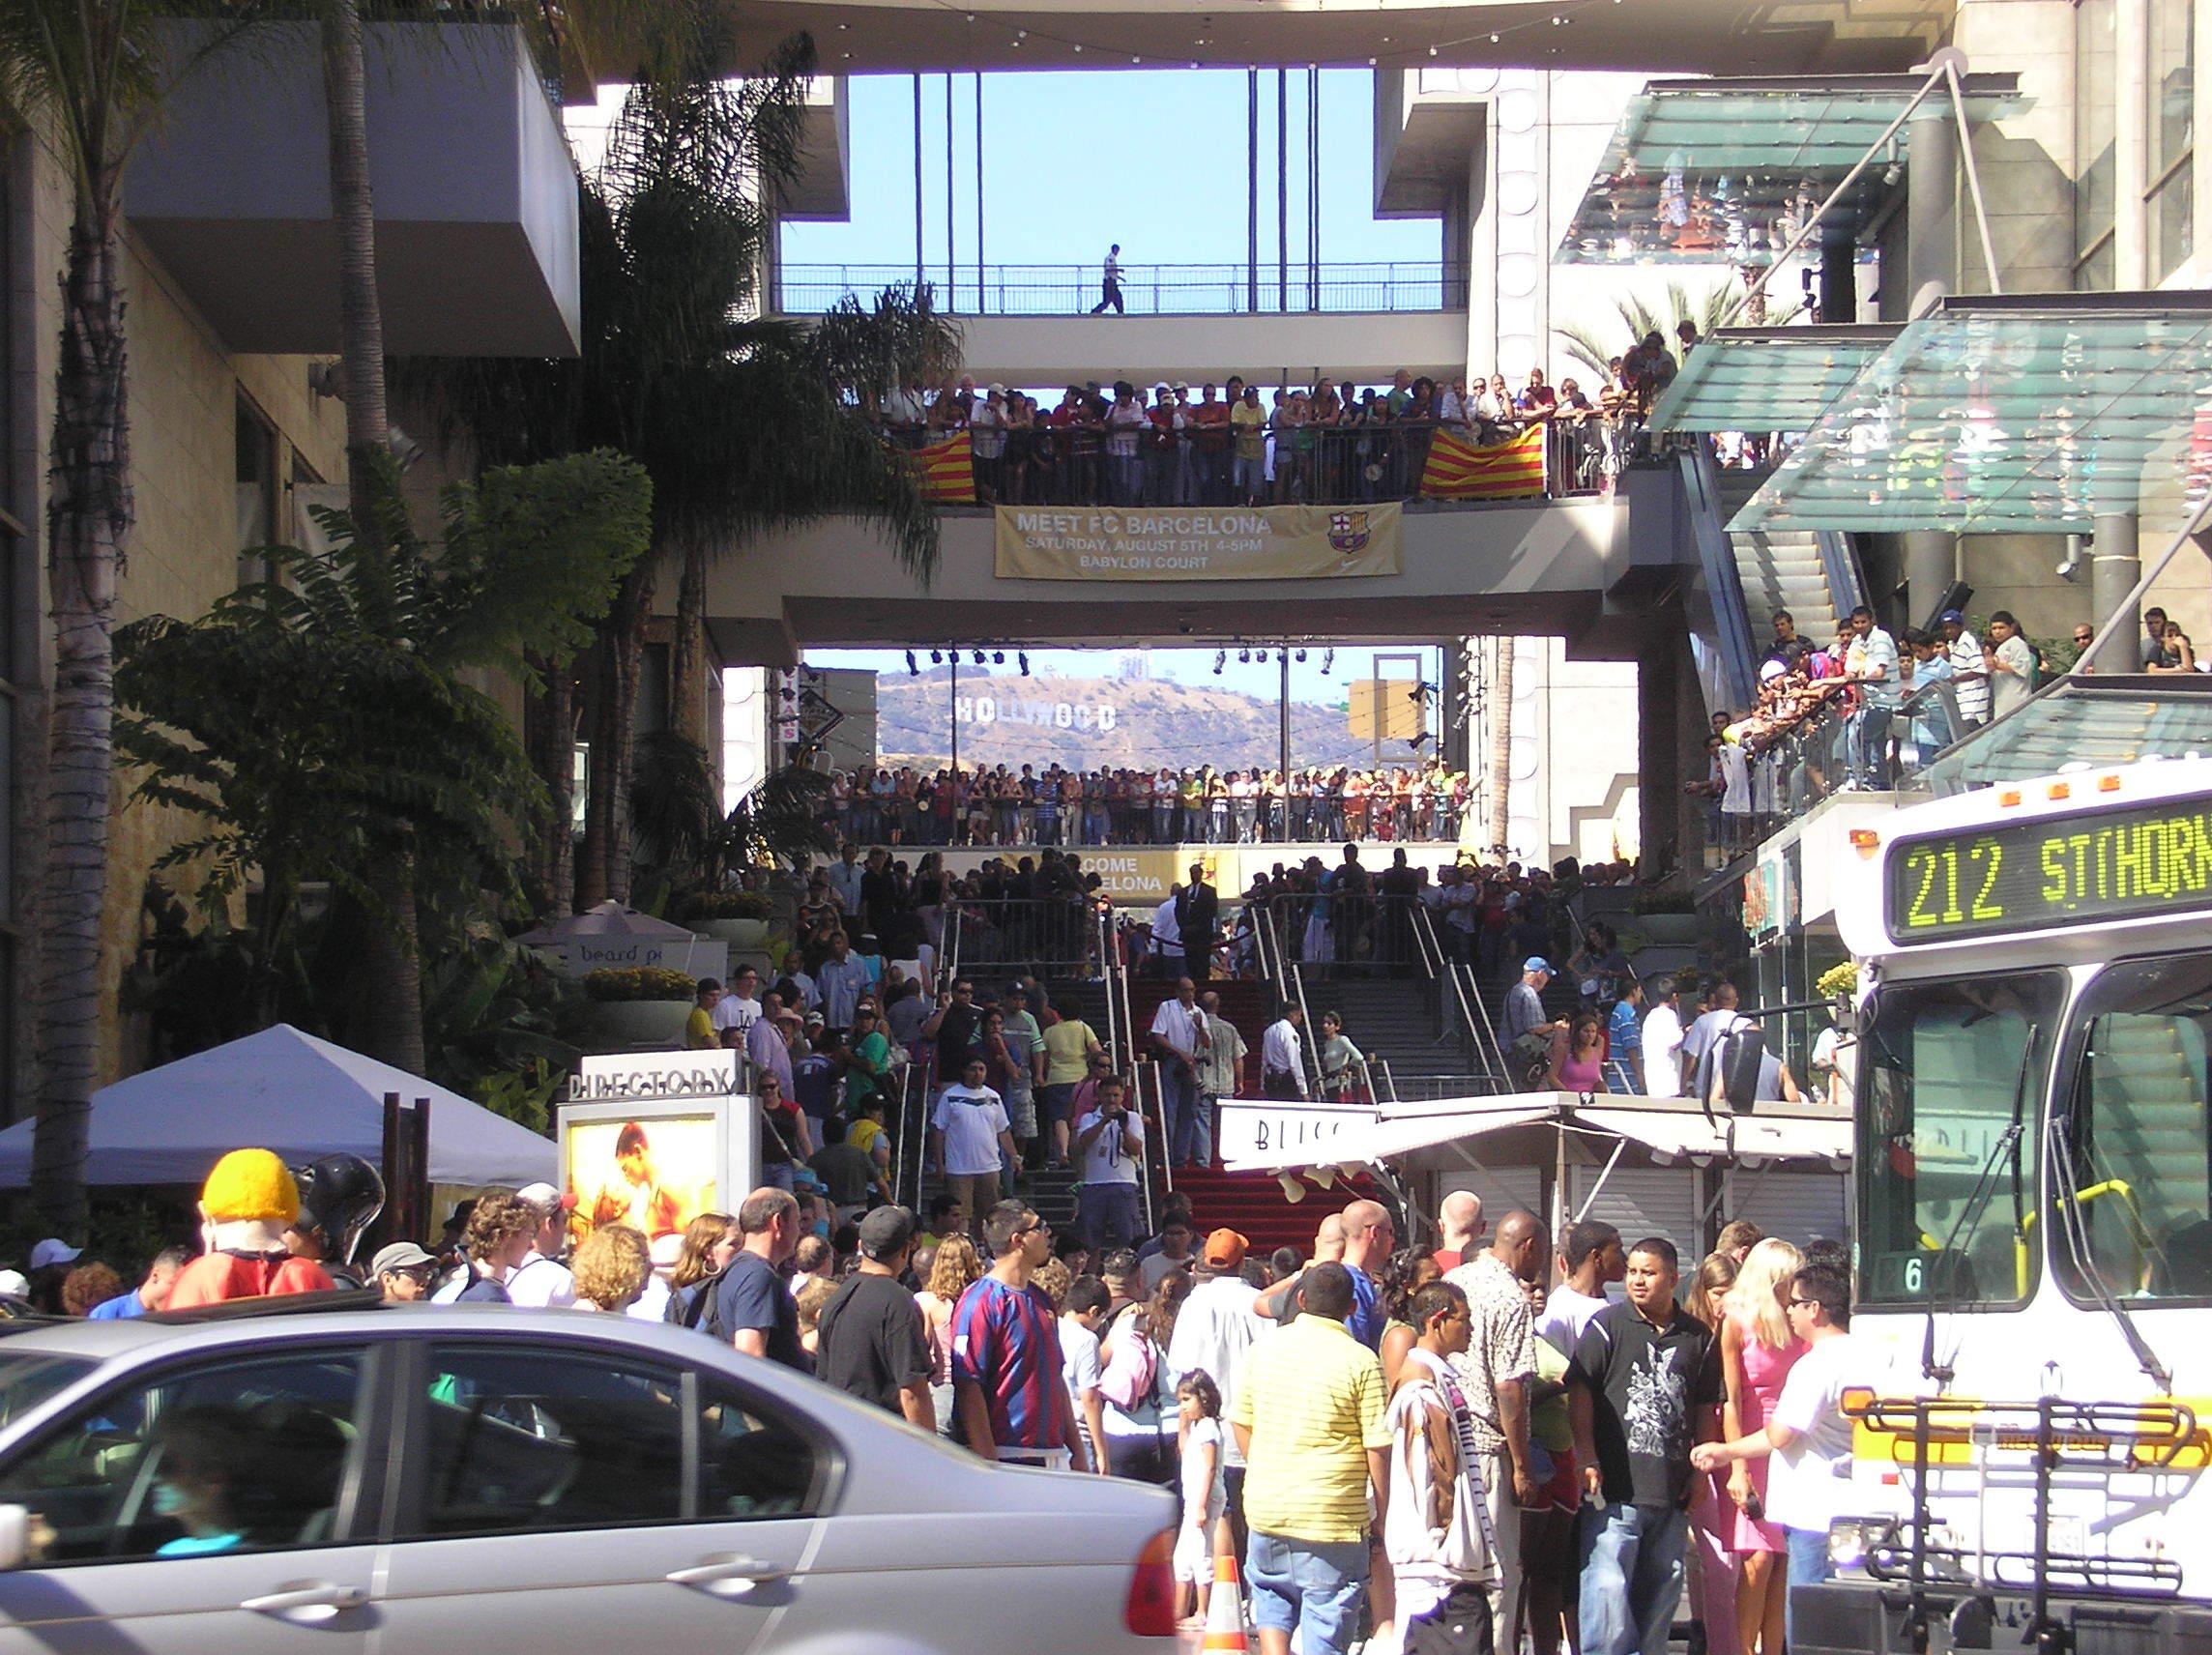 観光地に人が集まる写真